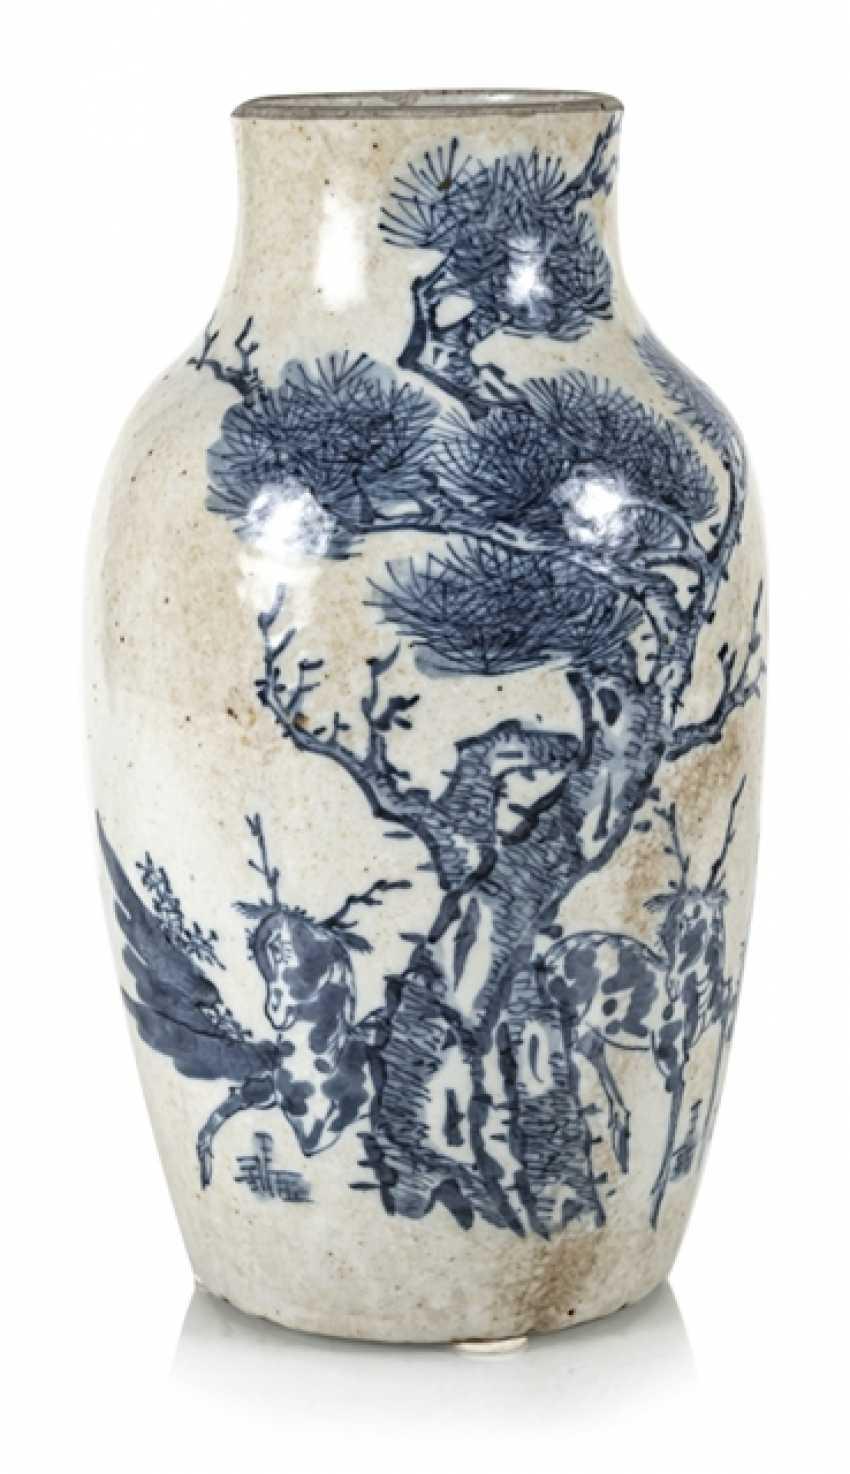 Porcelain vase with under glaze blue Qilin decor - photo 5